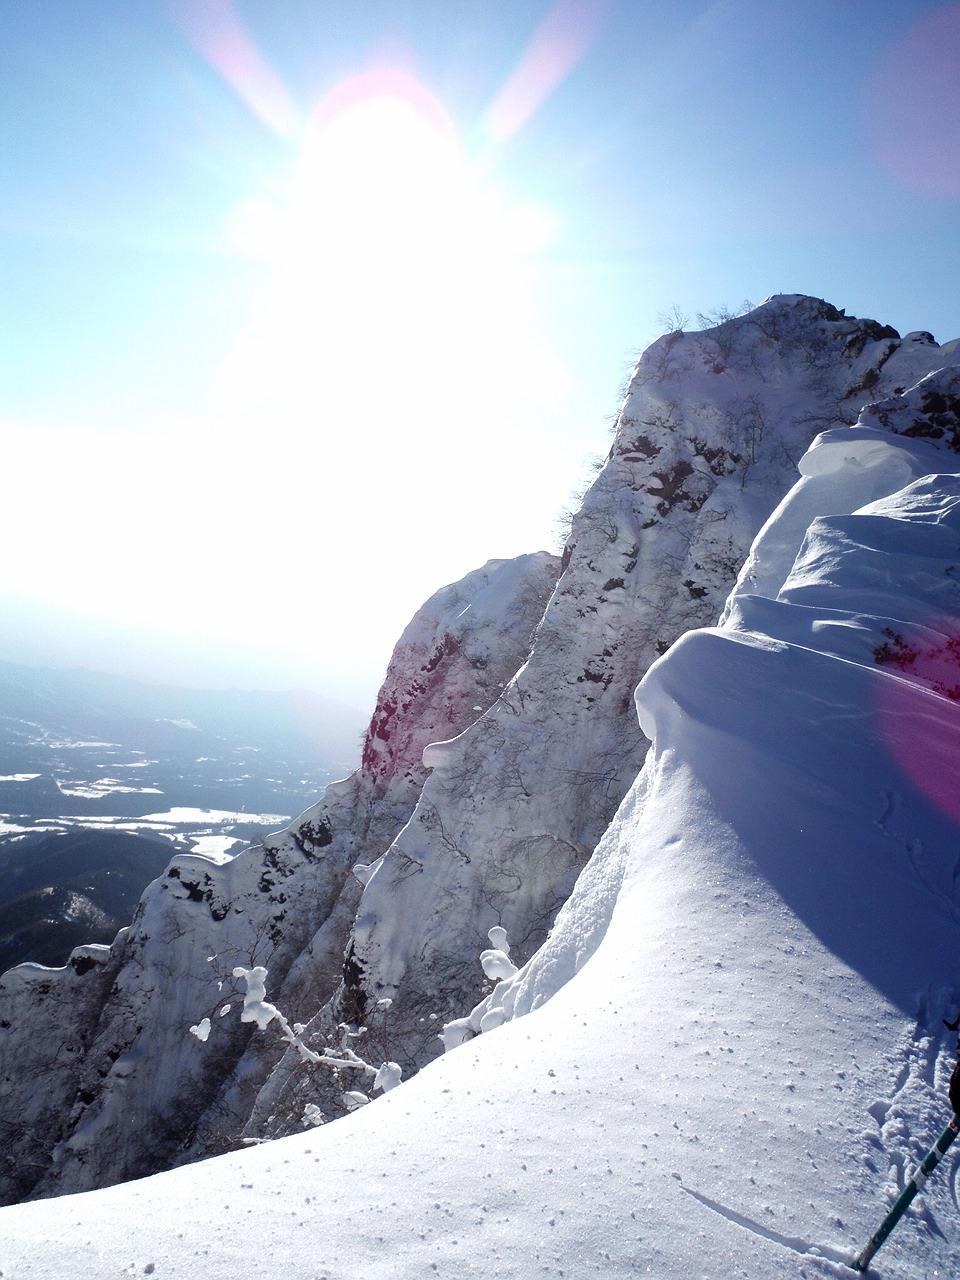 冬の八ヶ岳にSACが集う【八ヶ岳キレット縦走】_d0237801_1254084.jpg